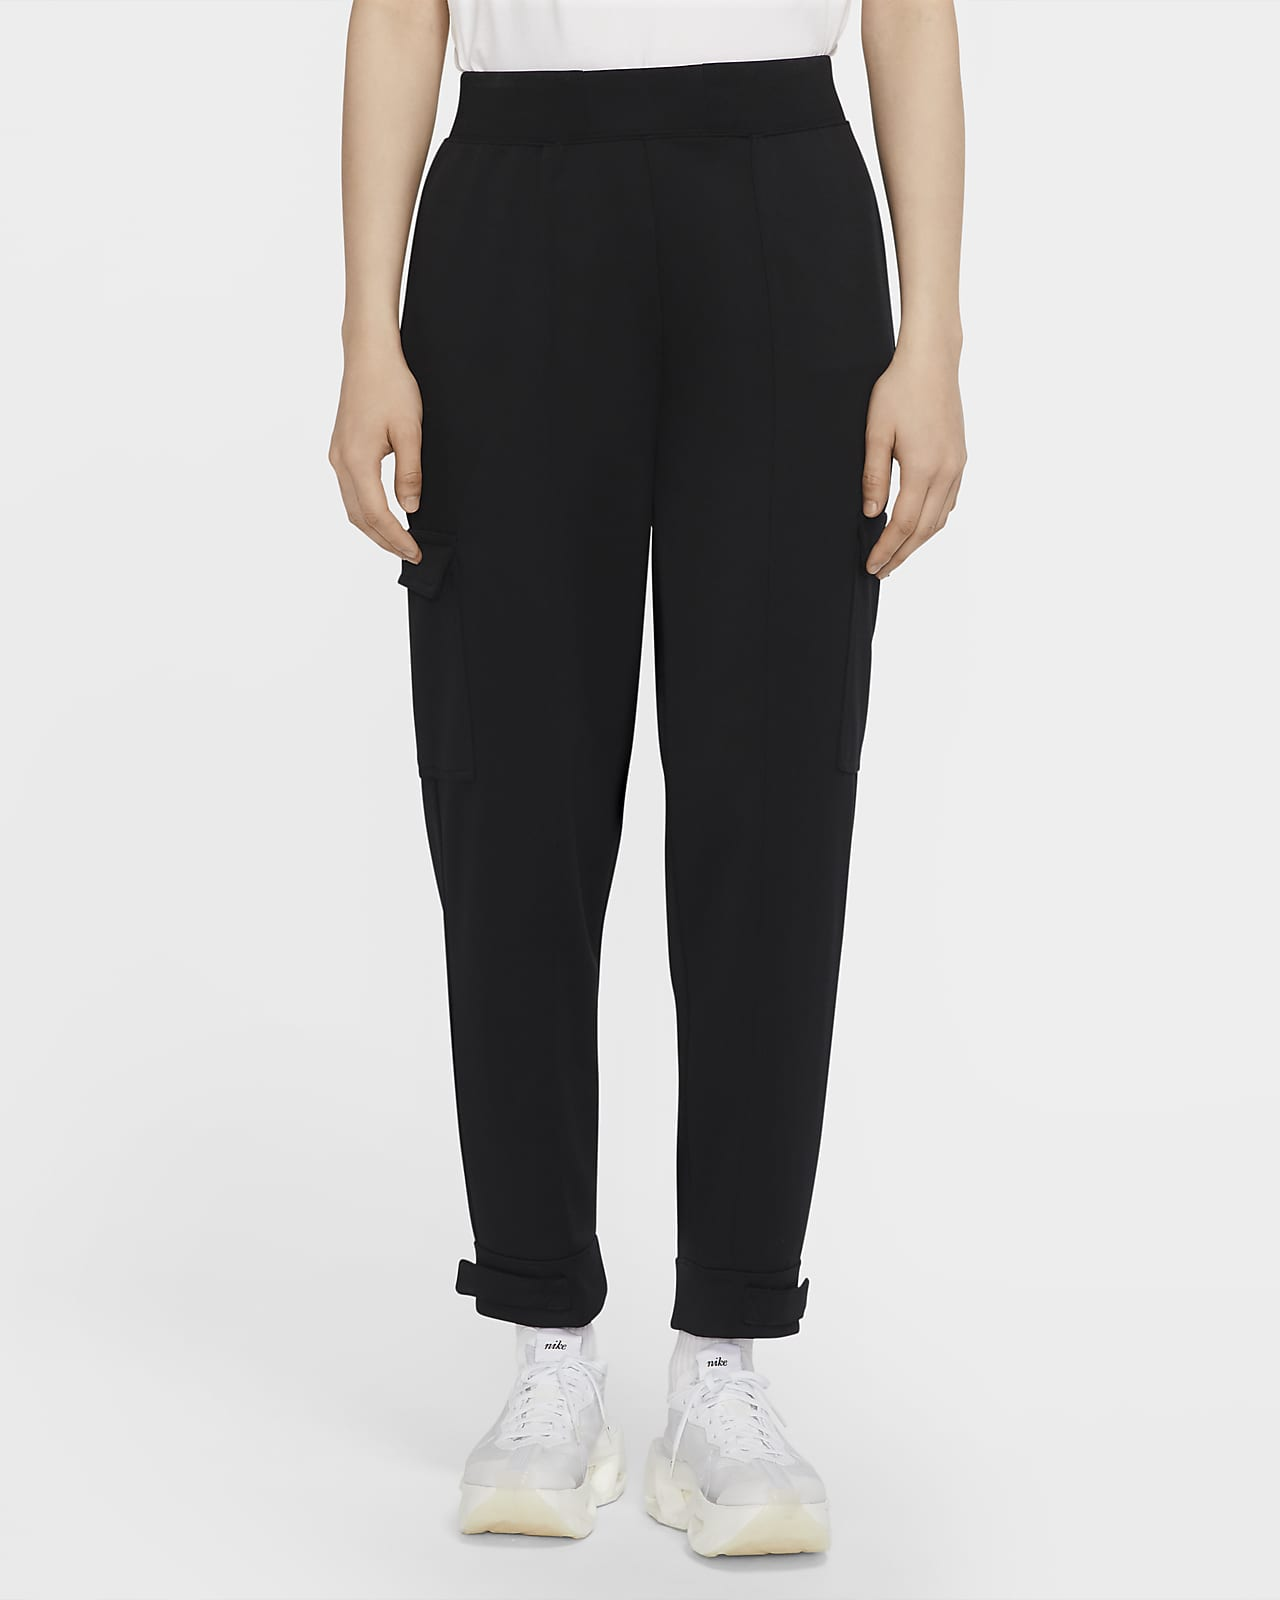 Nike Sportswear Swoosh Women's Trousers